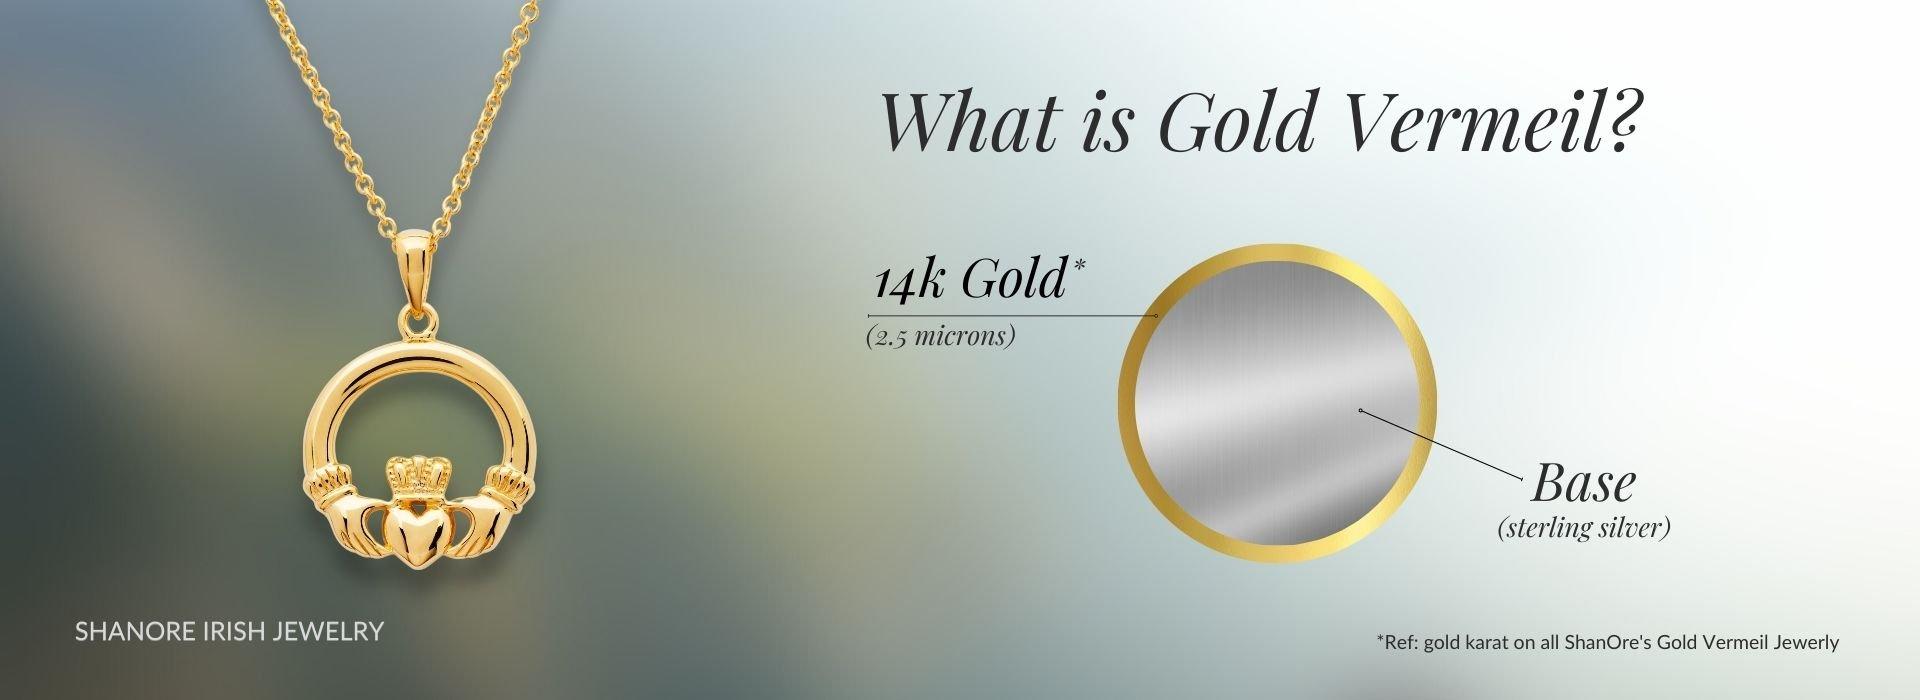 What is Gold Vermeil - ShanOre Irish Jewelry